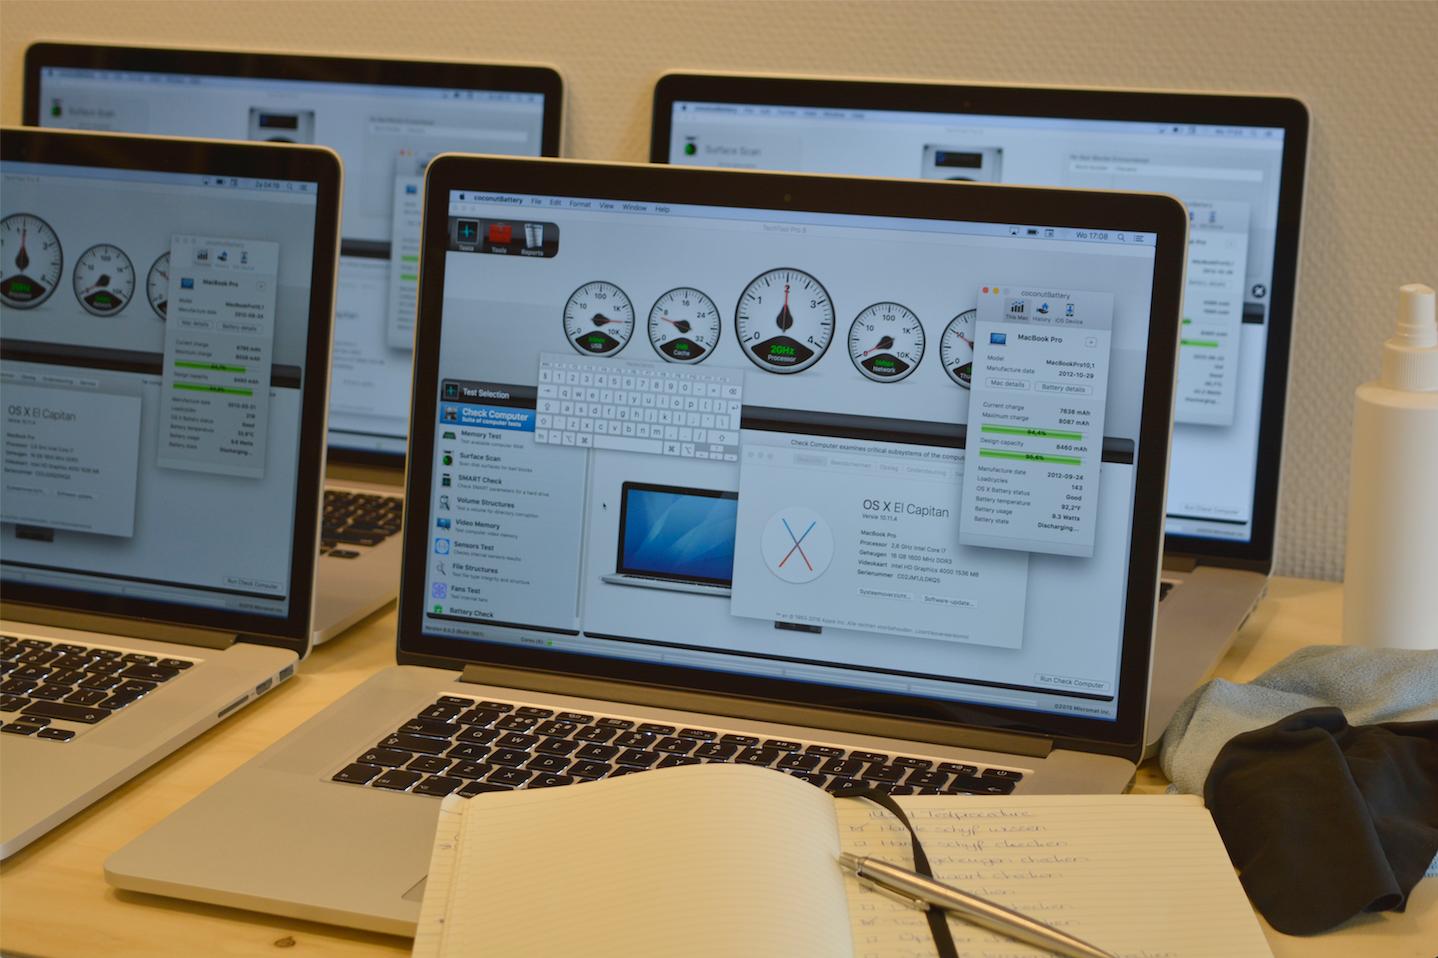 MacBook Pro - Education, apple Die besten Notebooks für Schüler und Buy, macBook - Education, apple